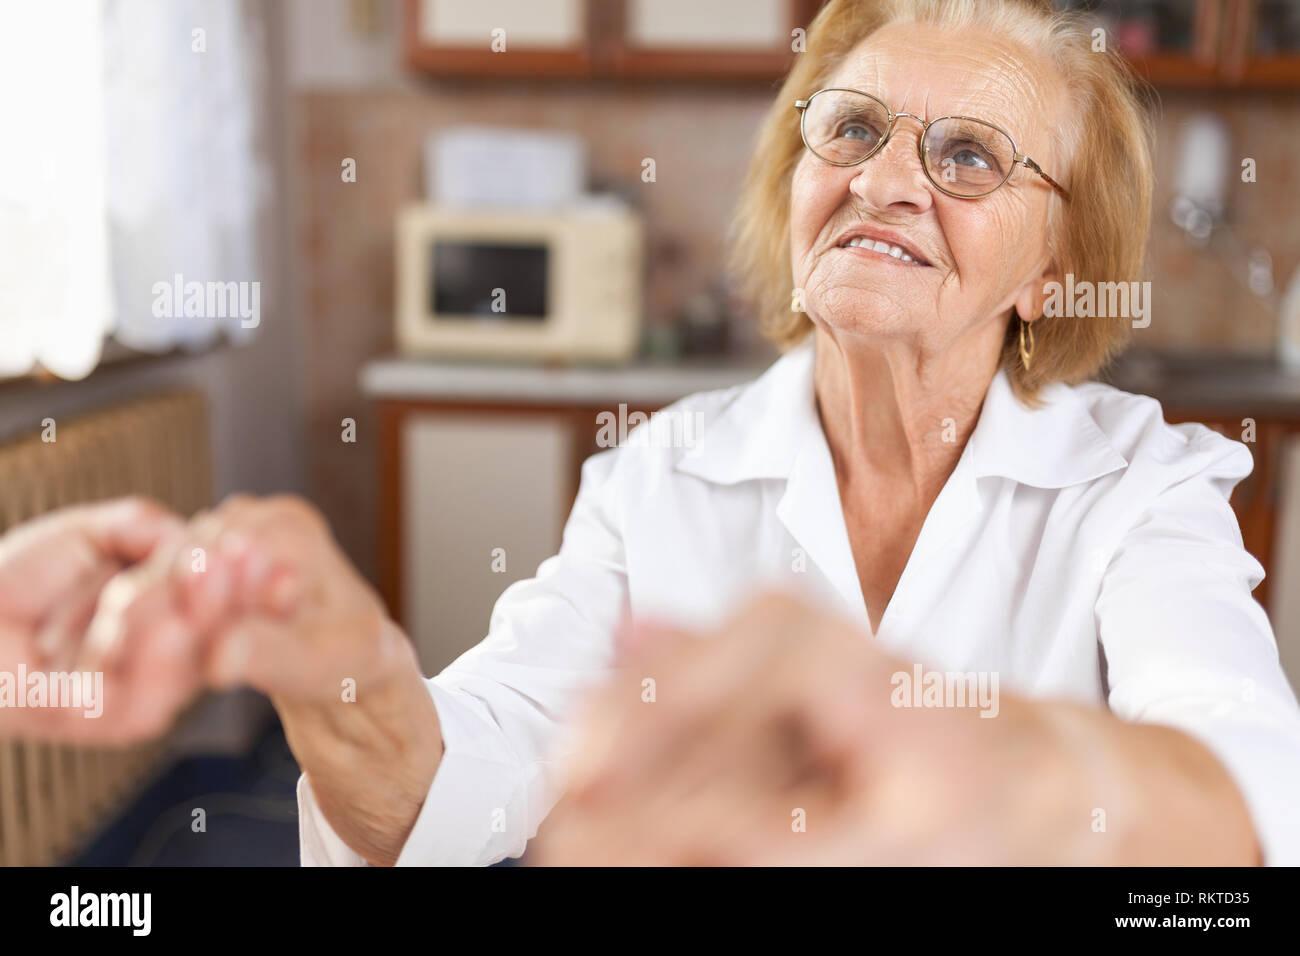 Fornire assistenza e supporto per anziani Foto Stock